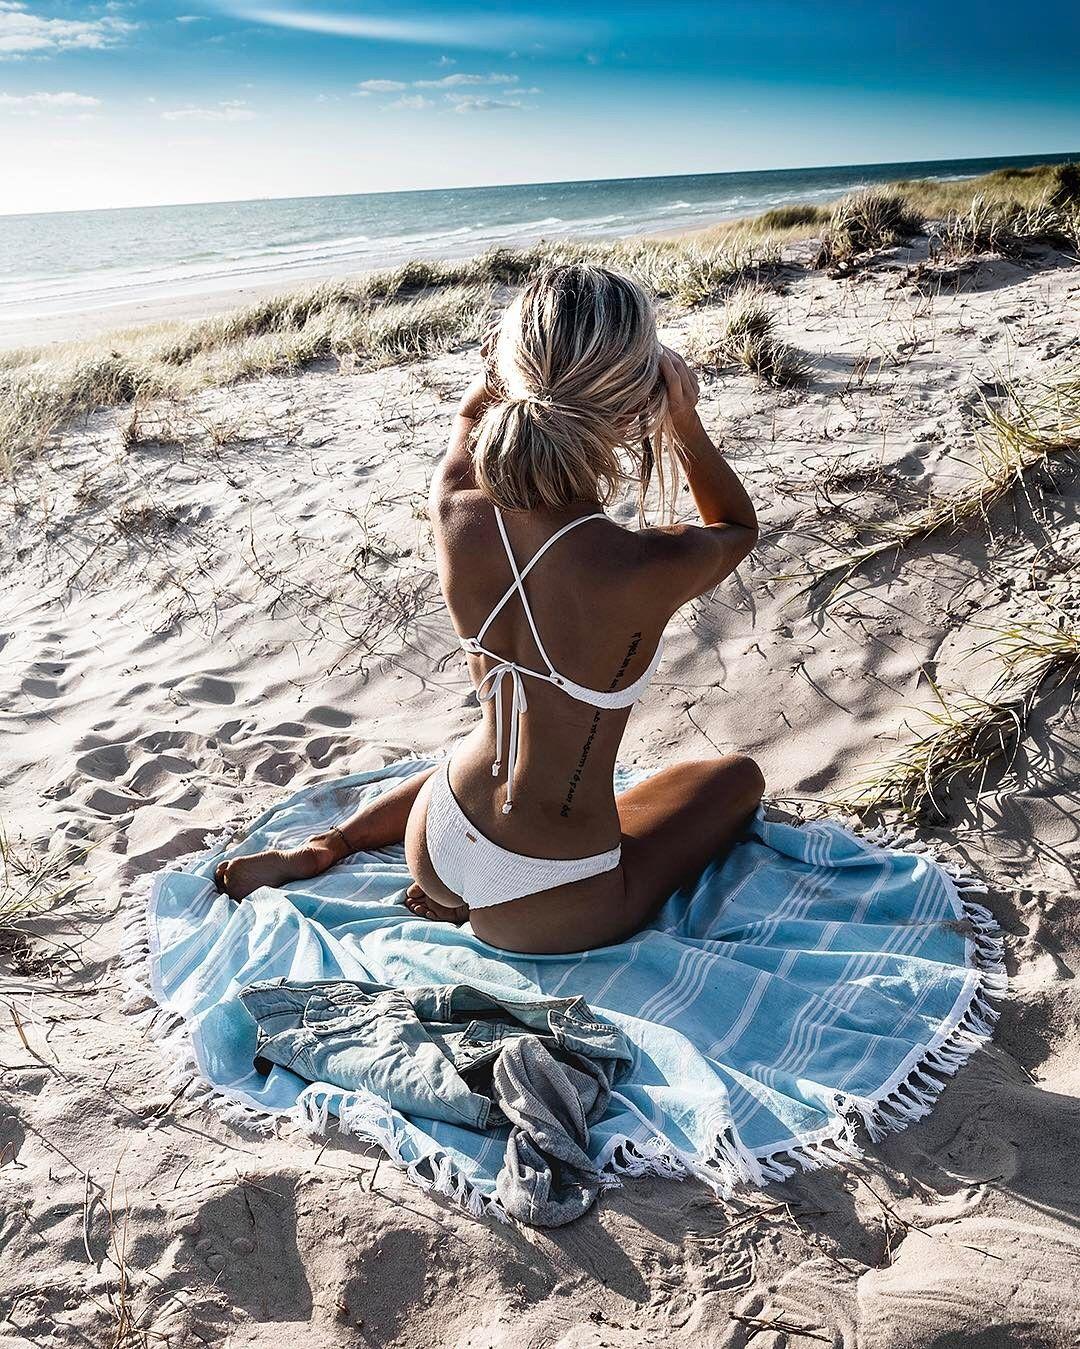 идеи для фотографий на море и пляже для быстрого